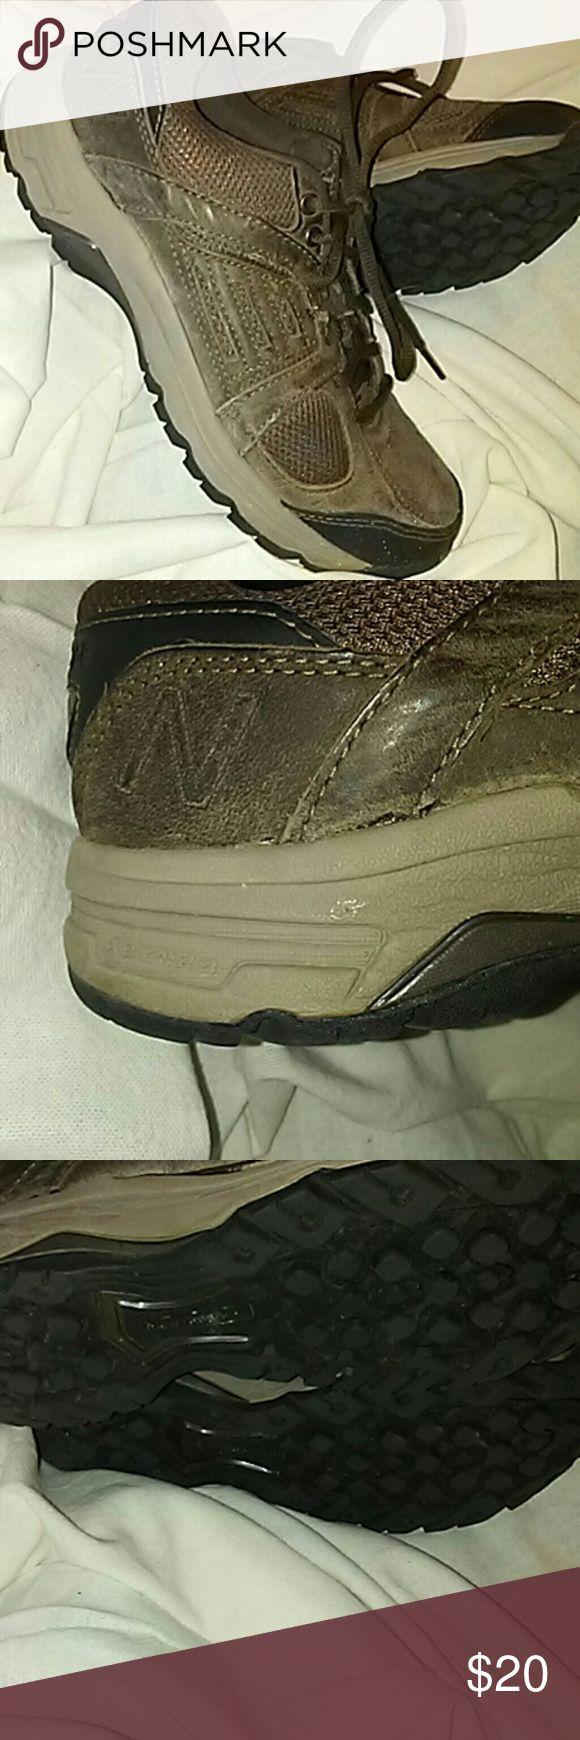 Brown Suede Walking Shoe Ladies New Balance 959 Brown Suede Worn Twice New Balance Shoes Athletic Shoes